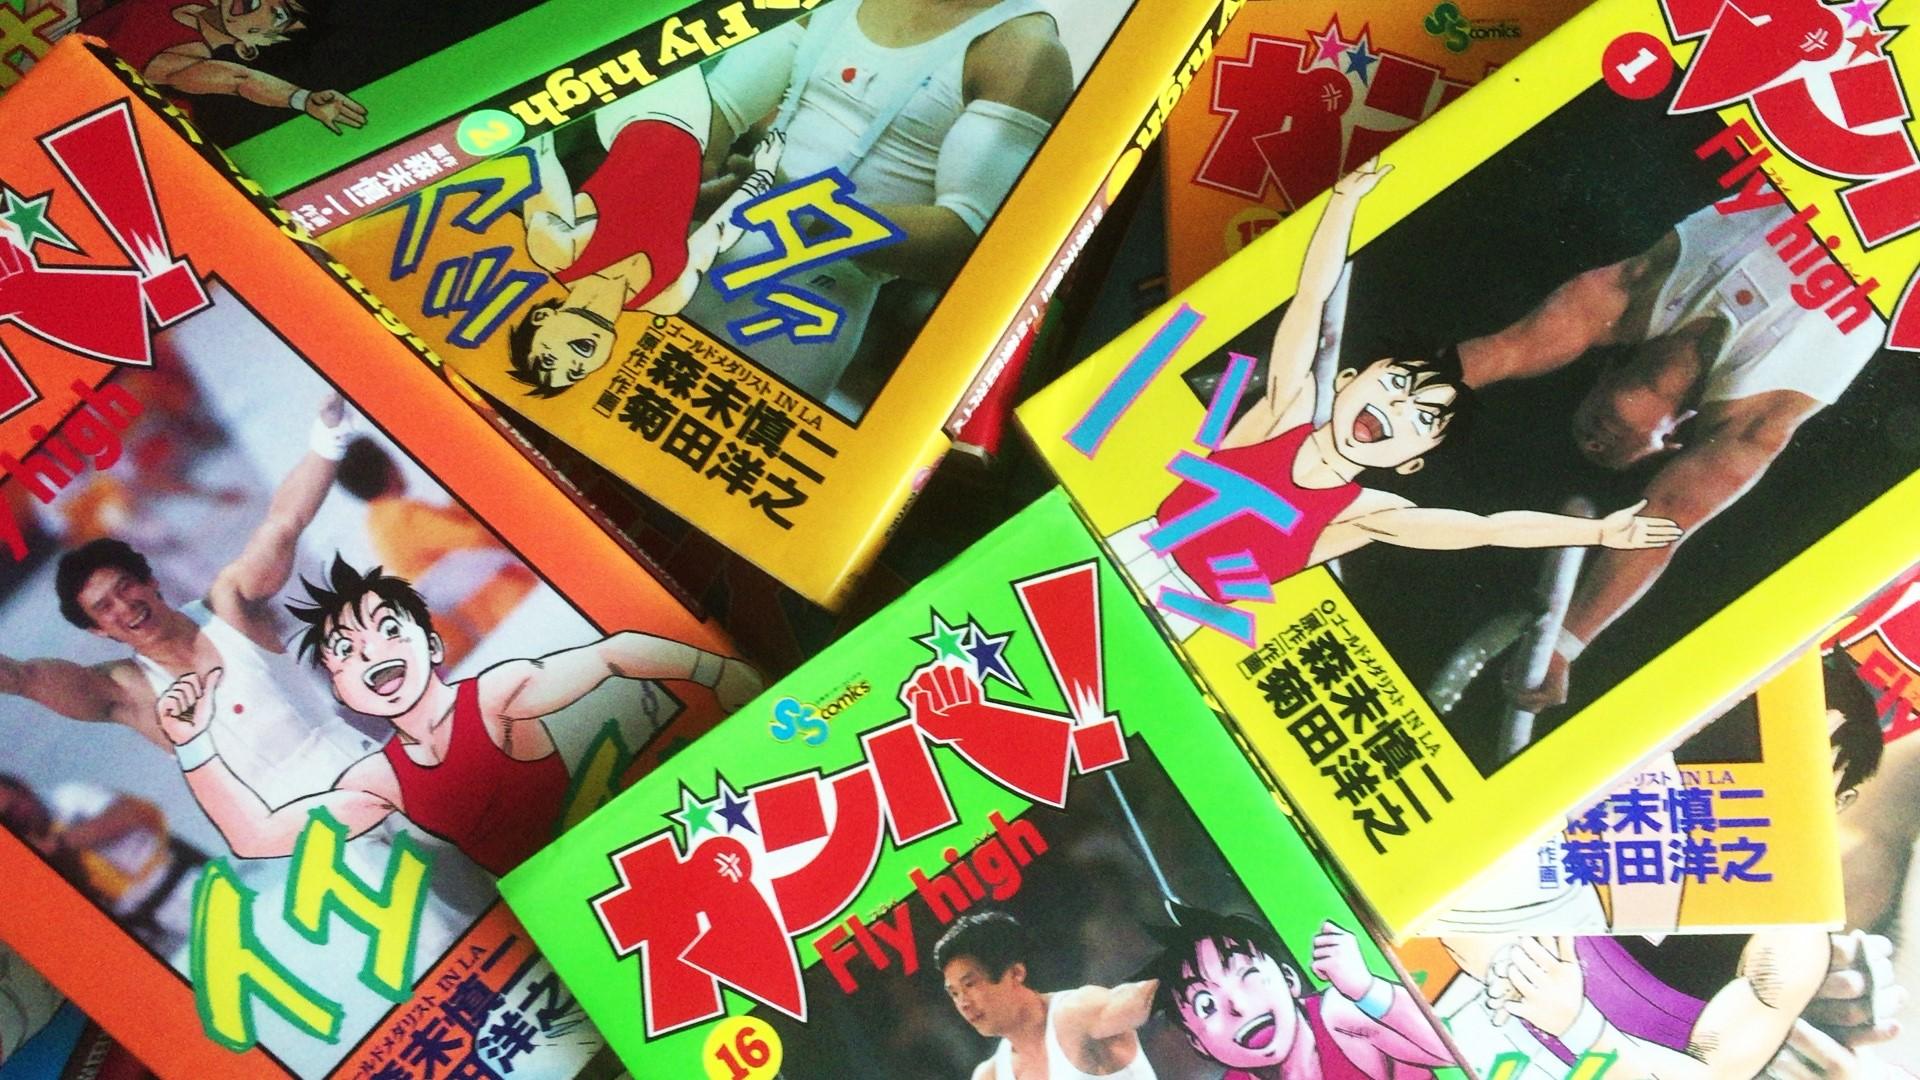 体操マンガ「ガンバ!Fly high」を振り返ってみた【リオ五輪金メダリストも愛読!】